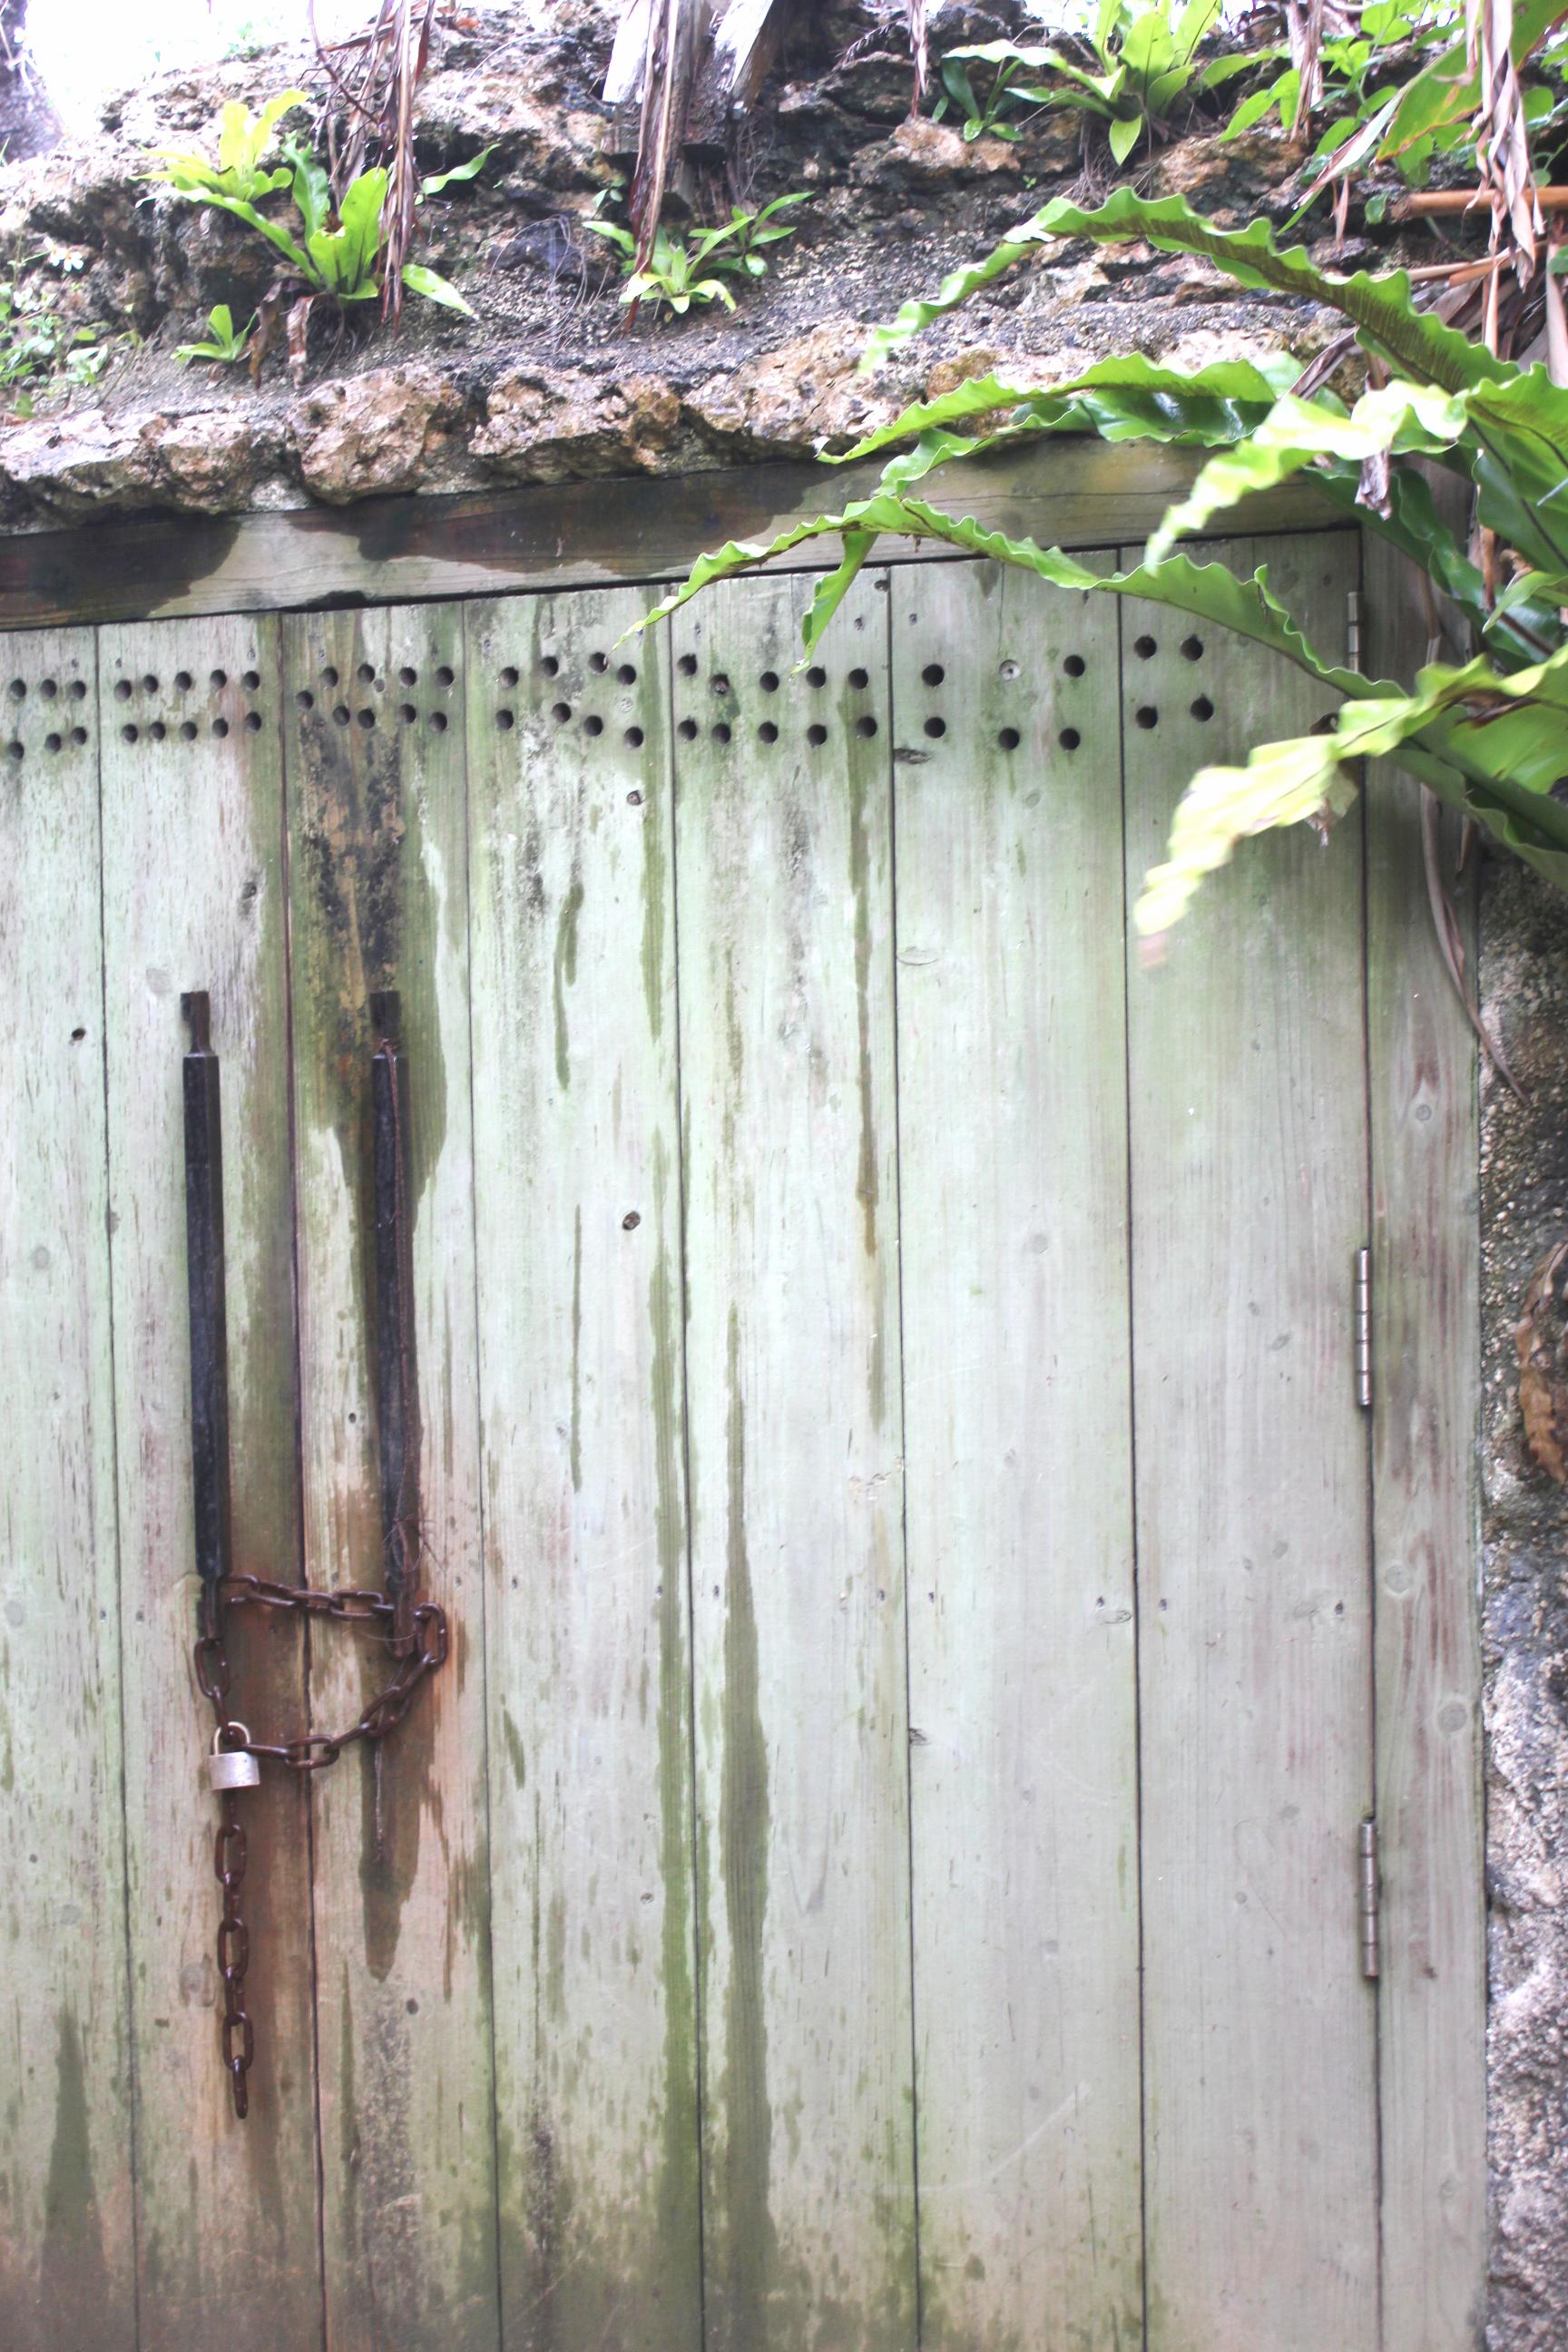 宮古島へ行くなら、宮古島のお酒・泡盛の蔵本「多良川」を見学してみよう!〜多良川・貯蔵庫の外扉はかなり年季の入った感じ